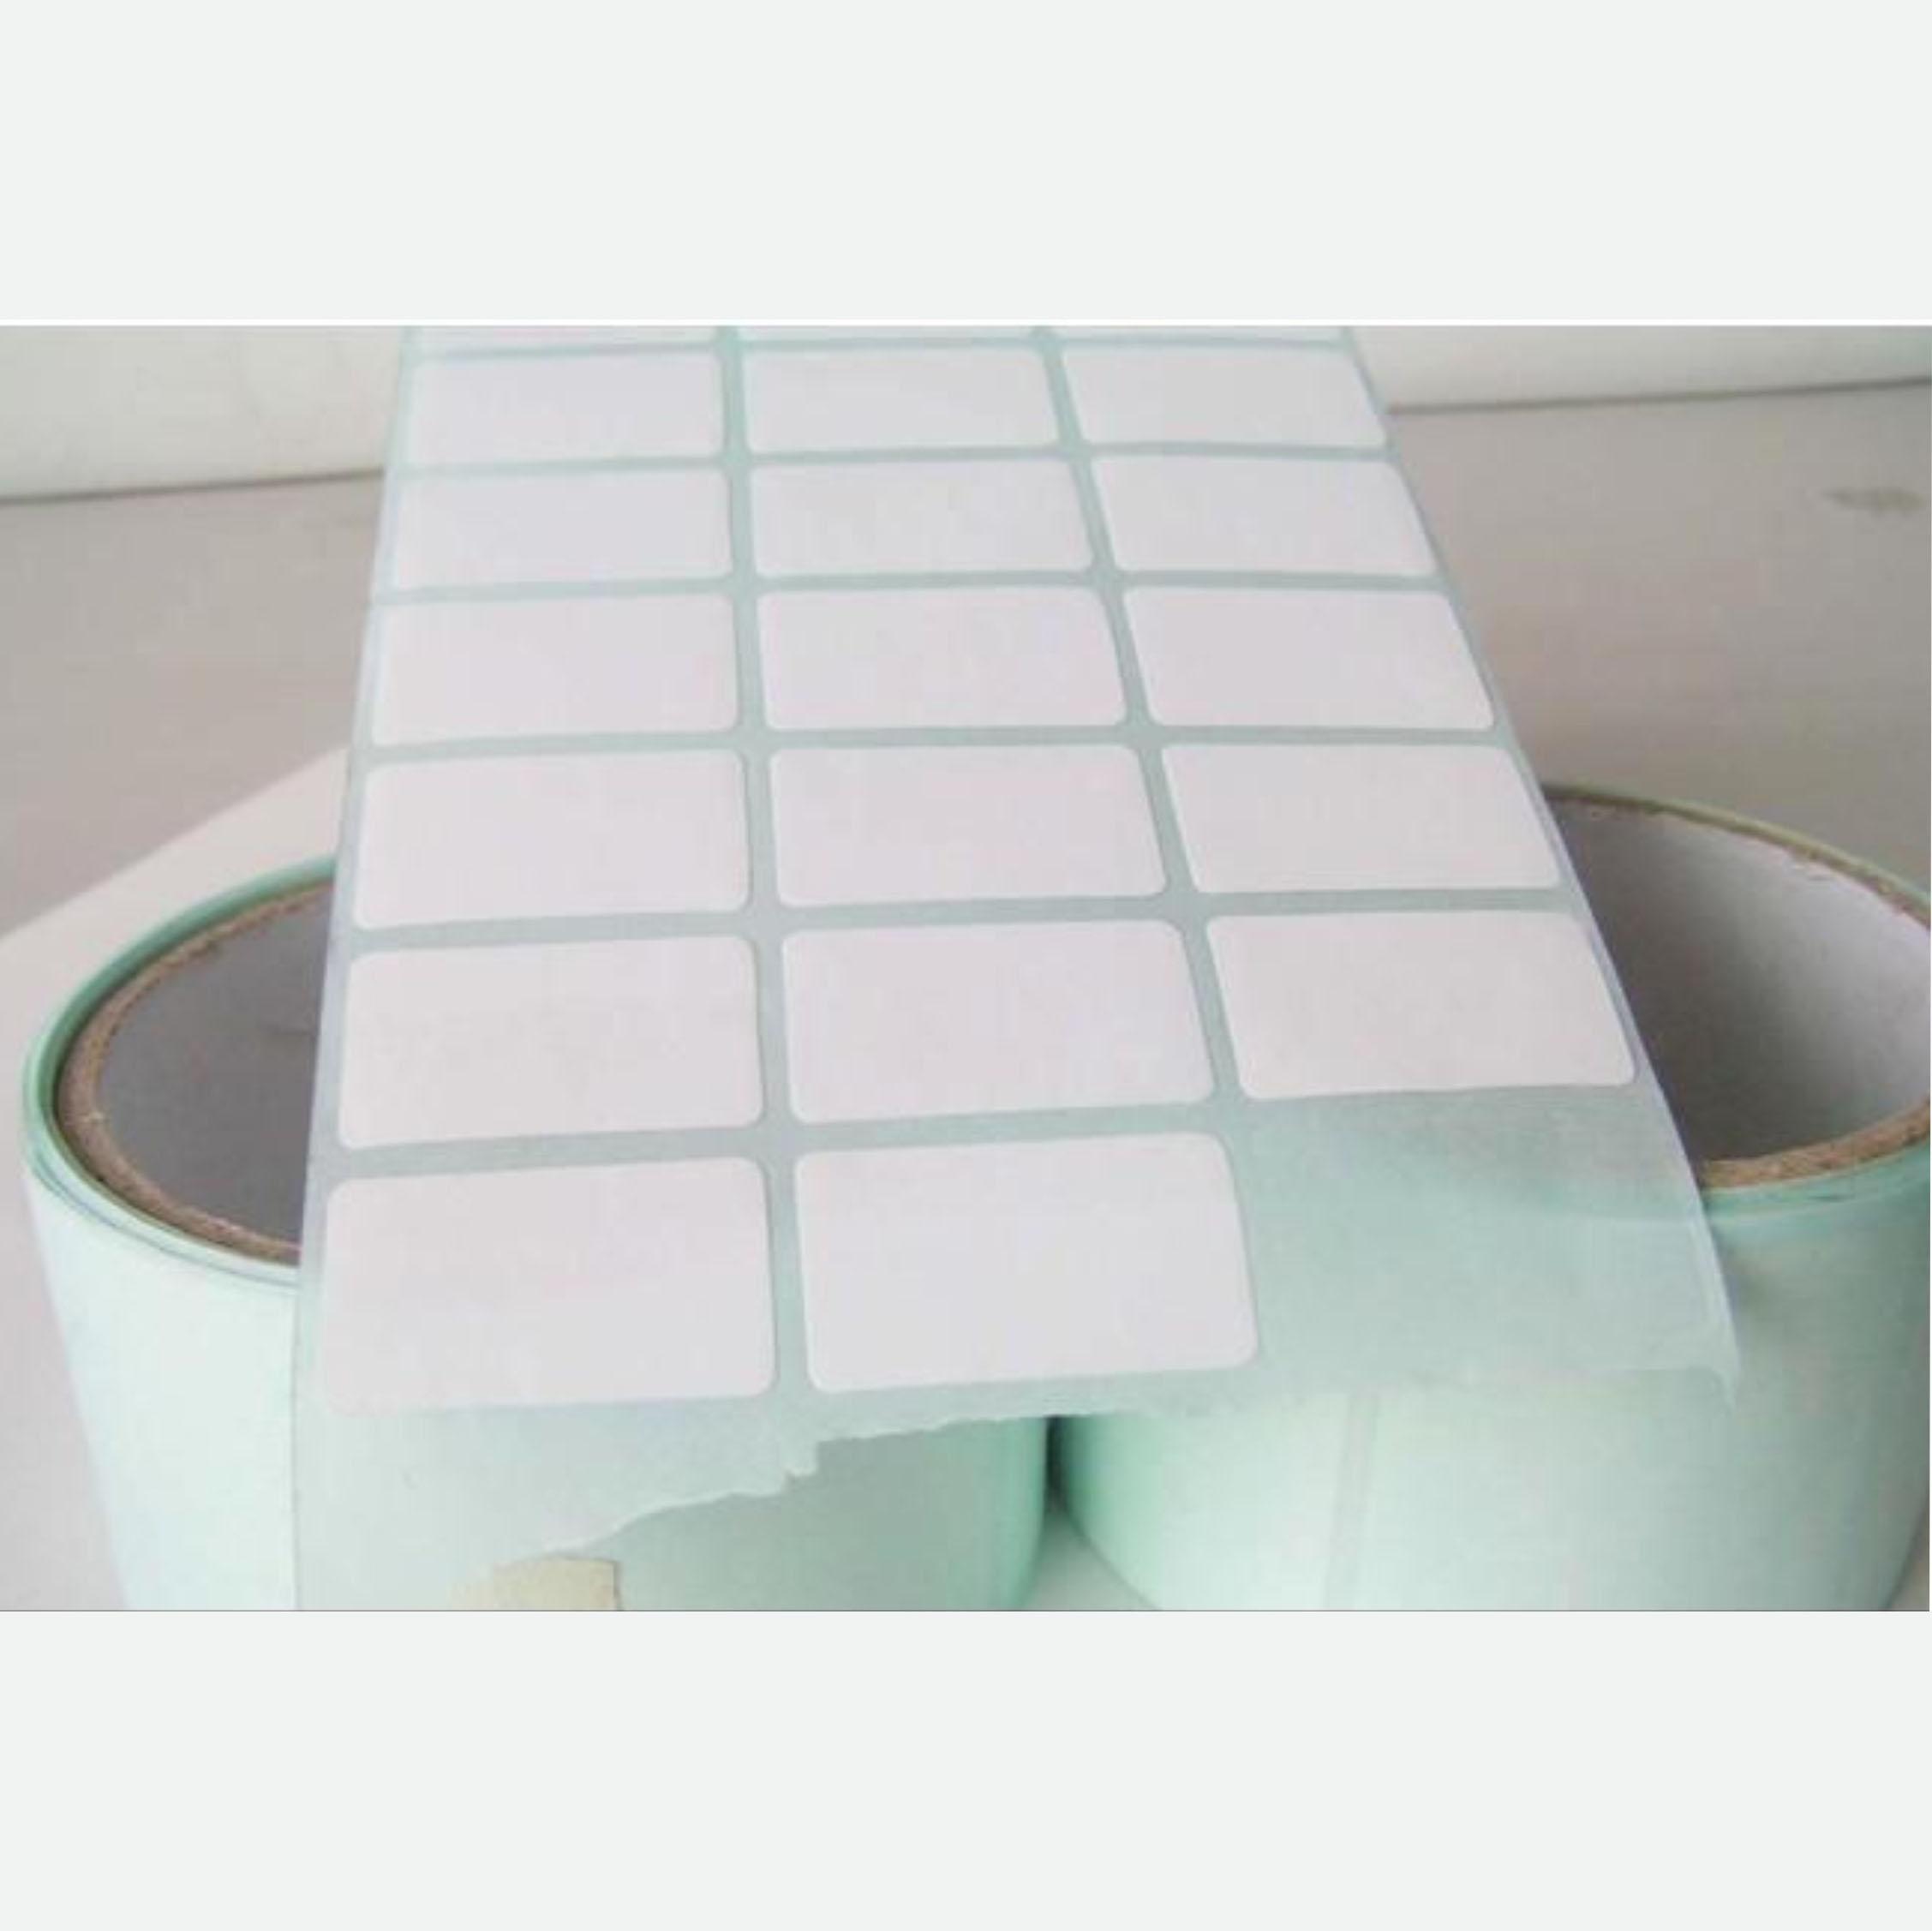 泉泰昊热敏纸标签纸专营厂家三水批发